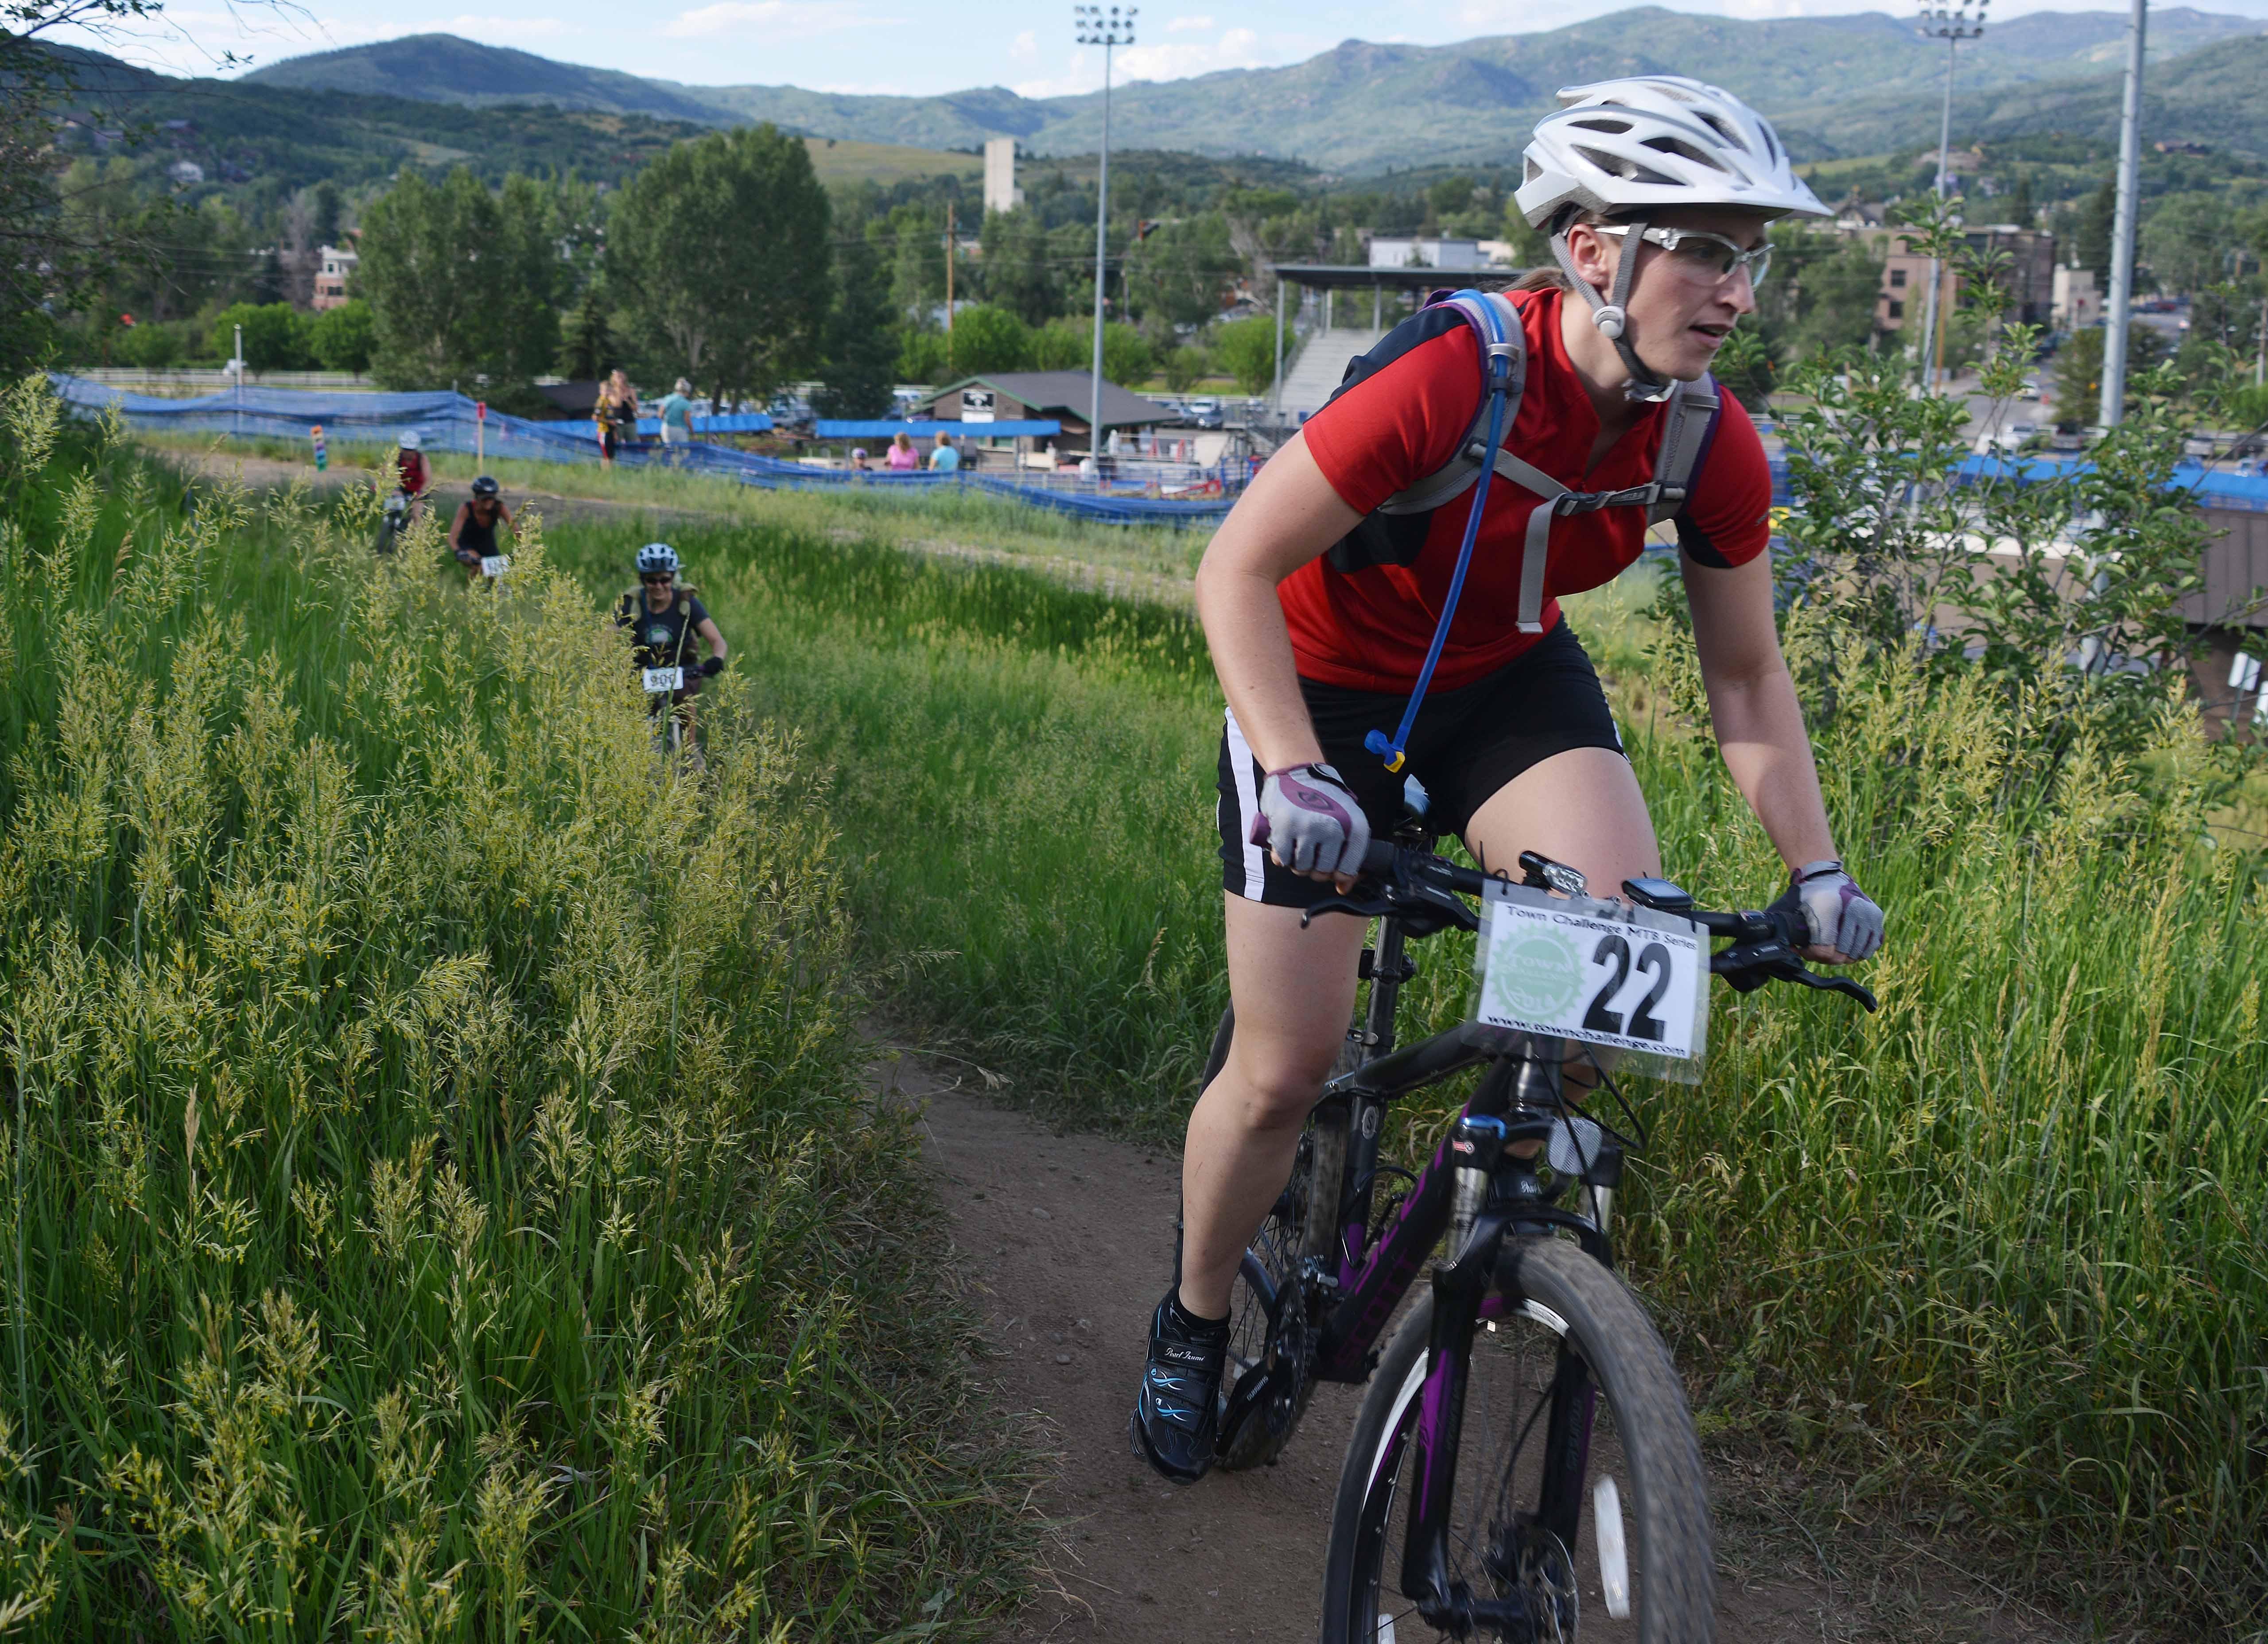 071014_Biking11_22